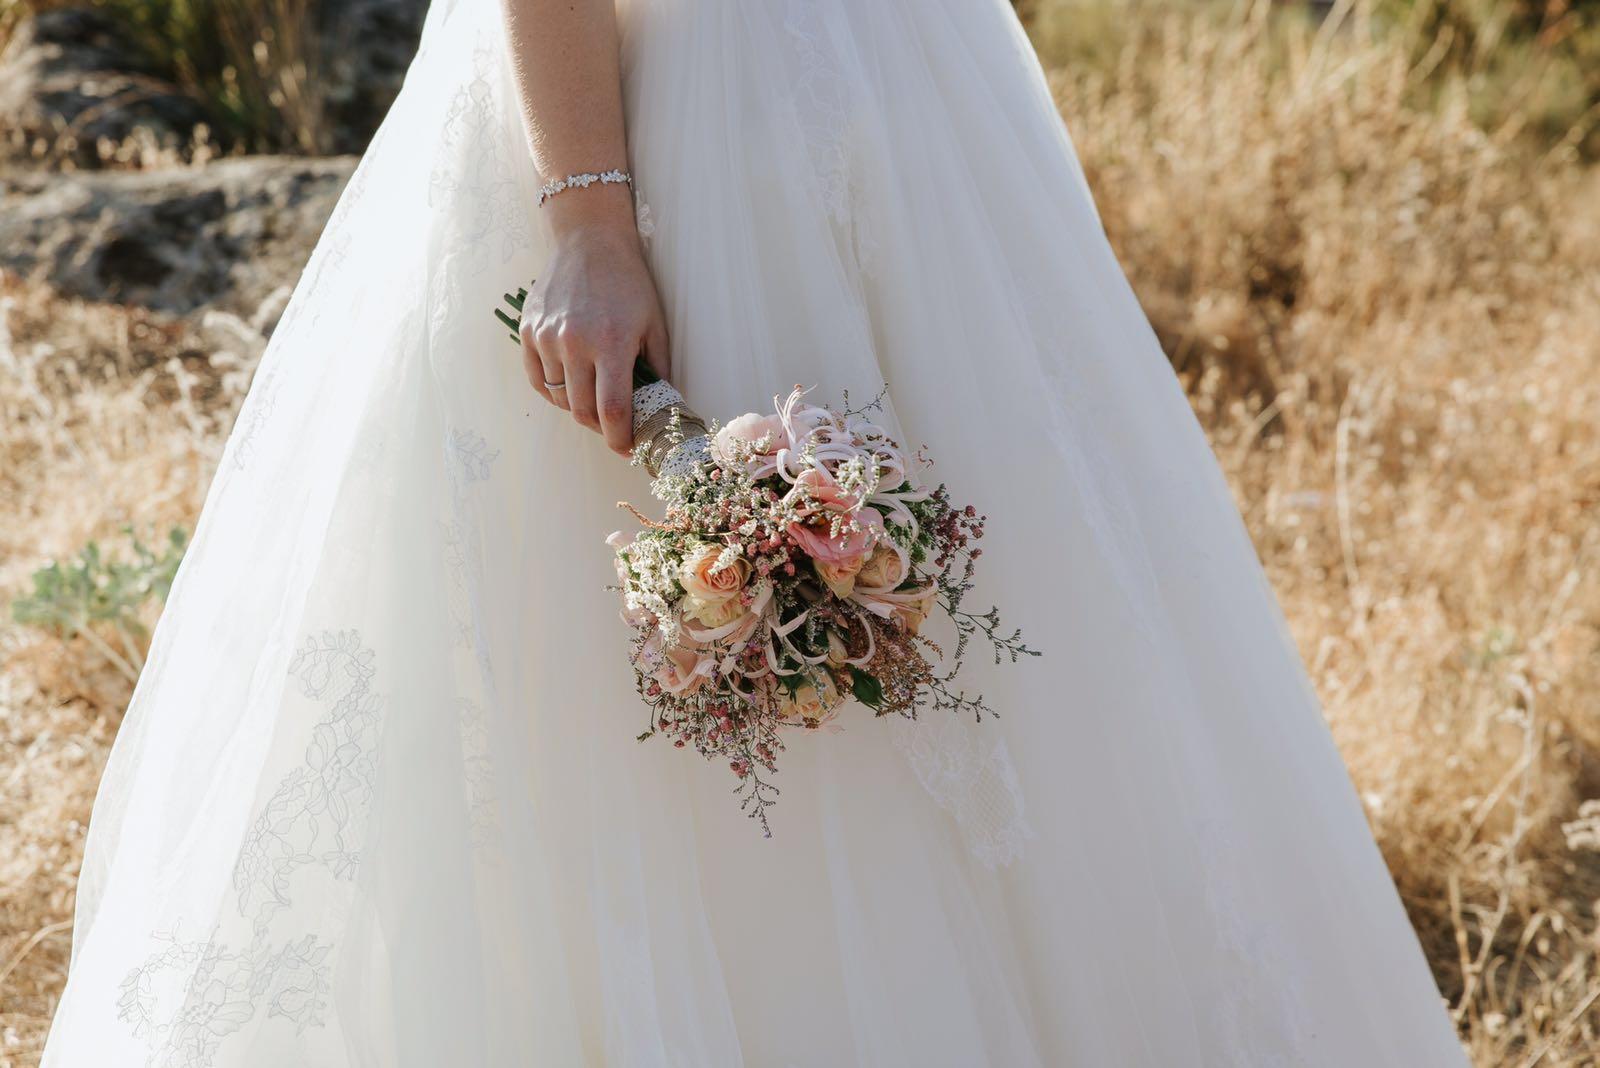 Los desenfadados totales, muestran una novia rebelde y desenfadada, sin leyes ni normas. No existen los protocolos a rajatabla y los ramos de novias son silvestres y con formas divertidas y alocadas